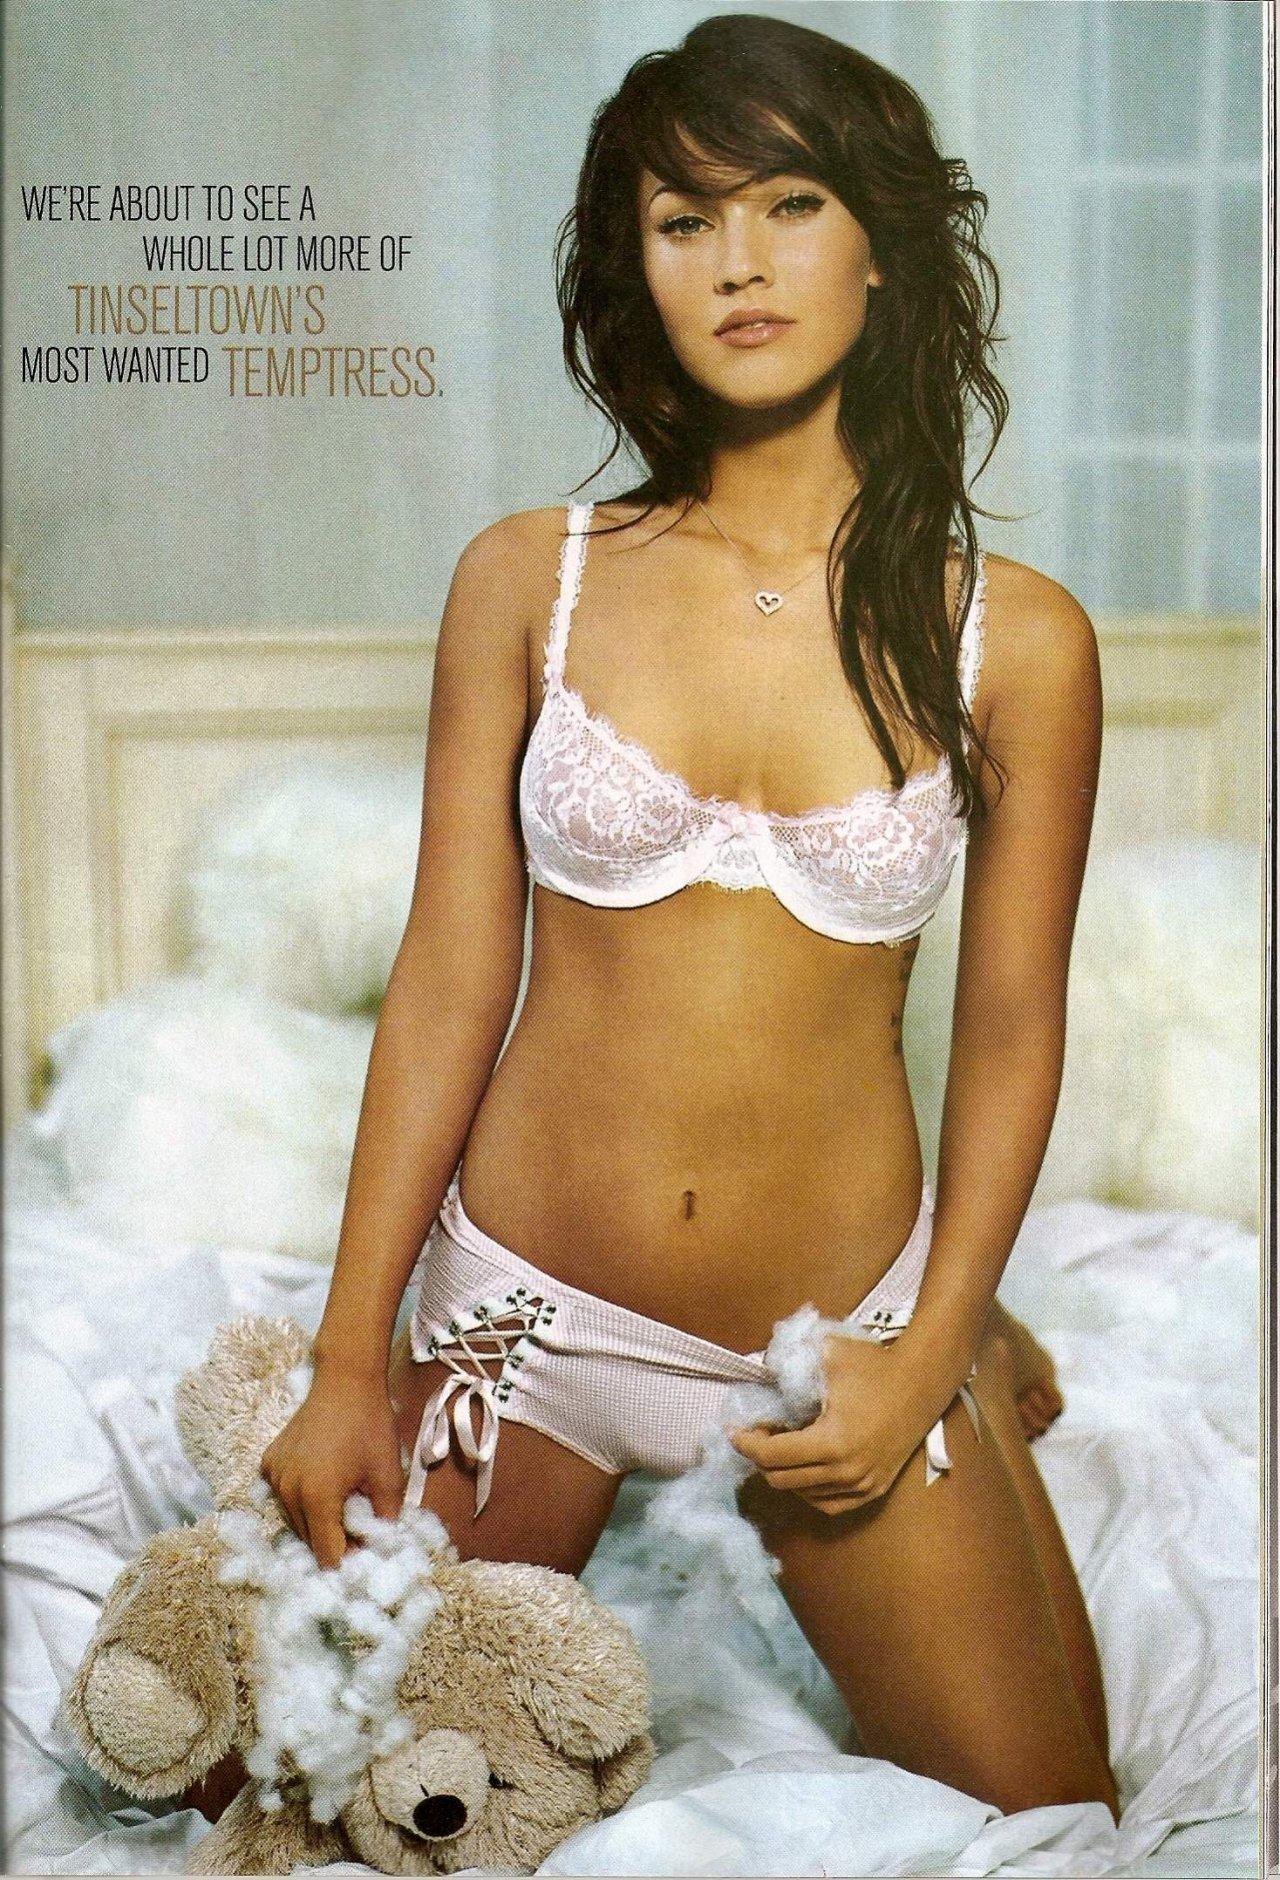 Megan Fox leaked wallpapers